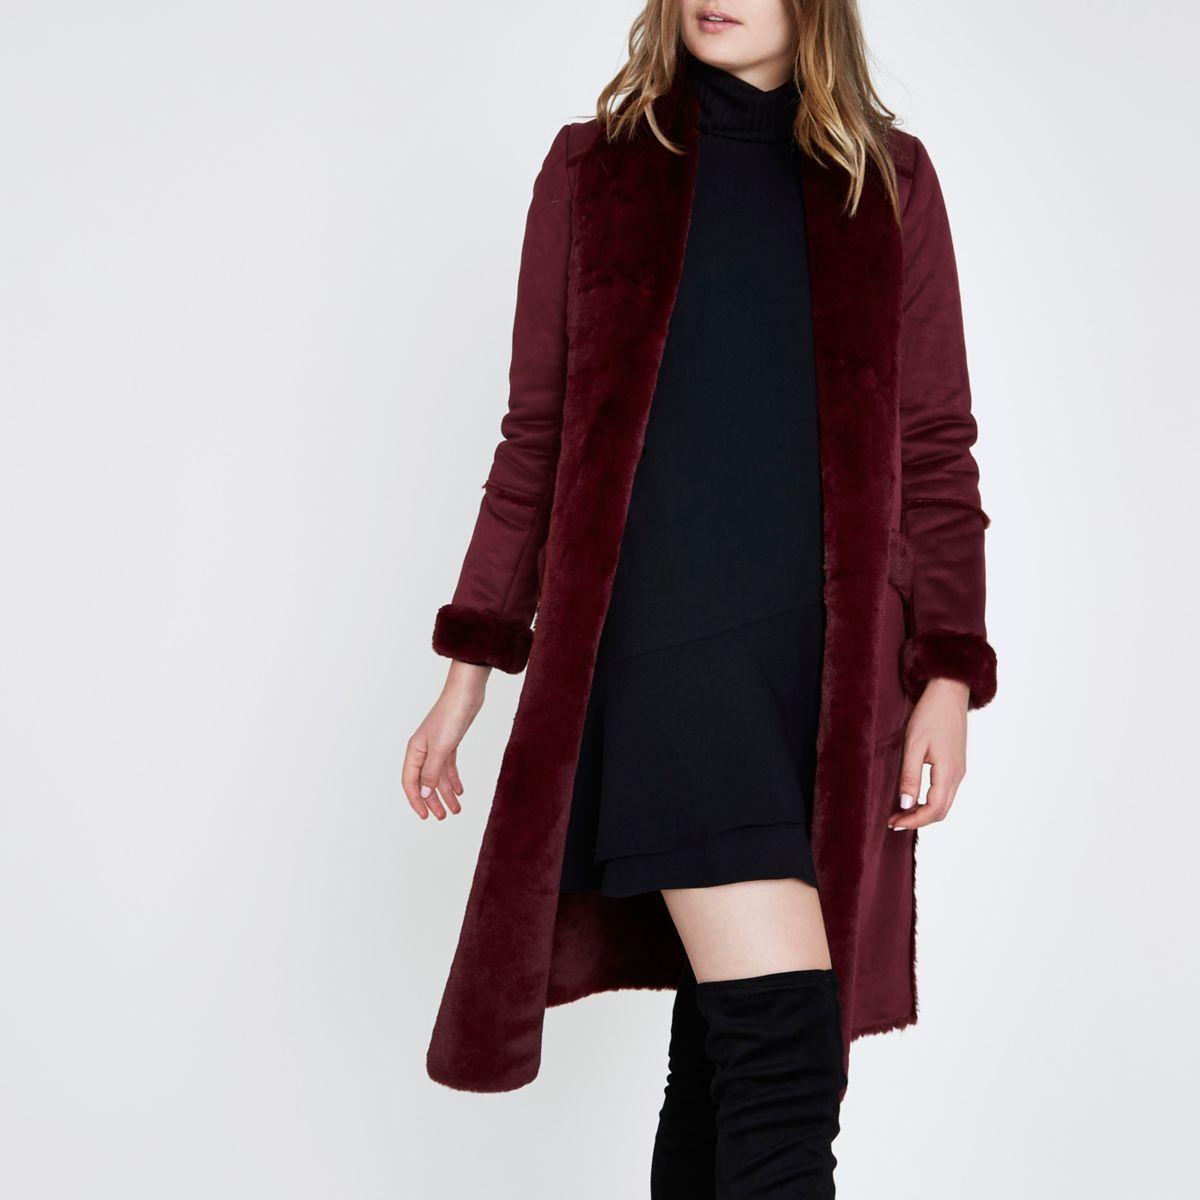 Dark red faux shearling coat